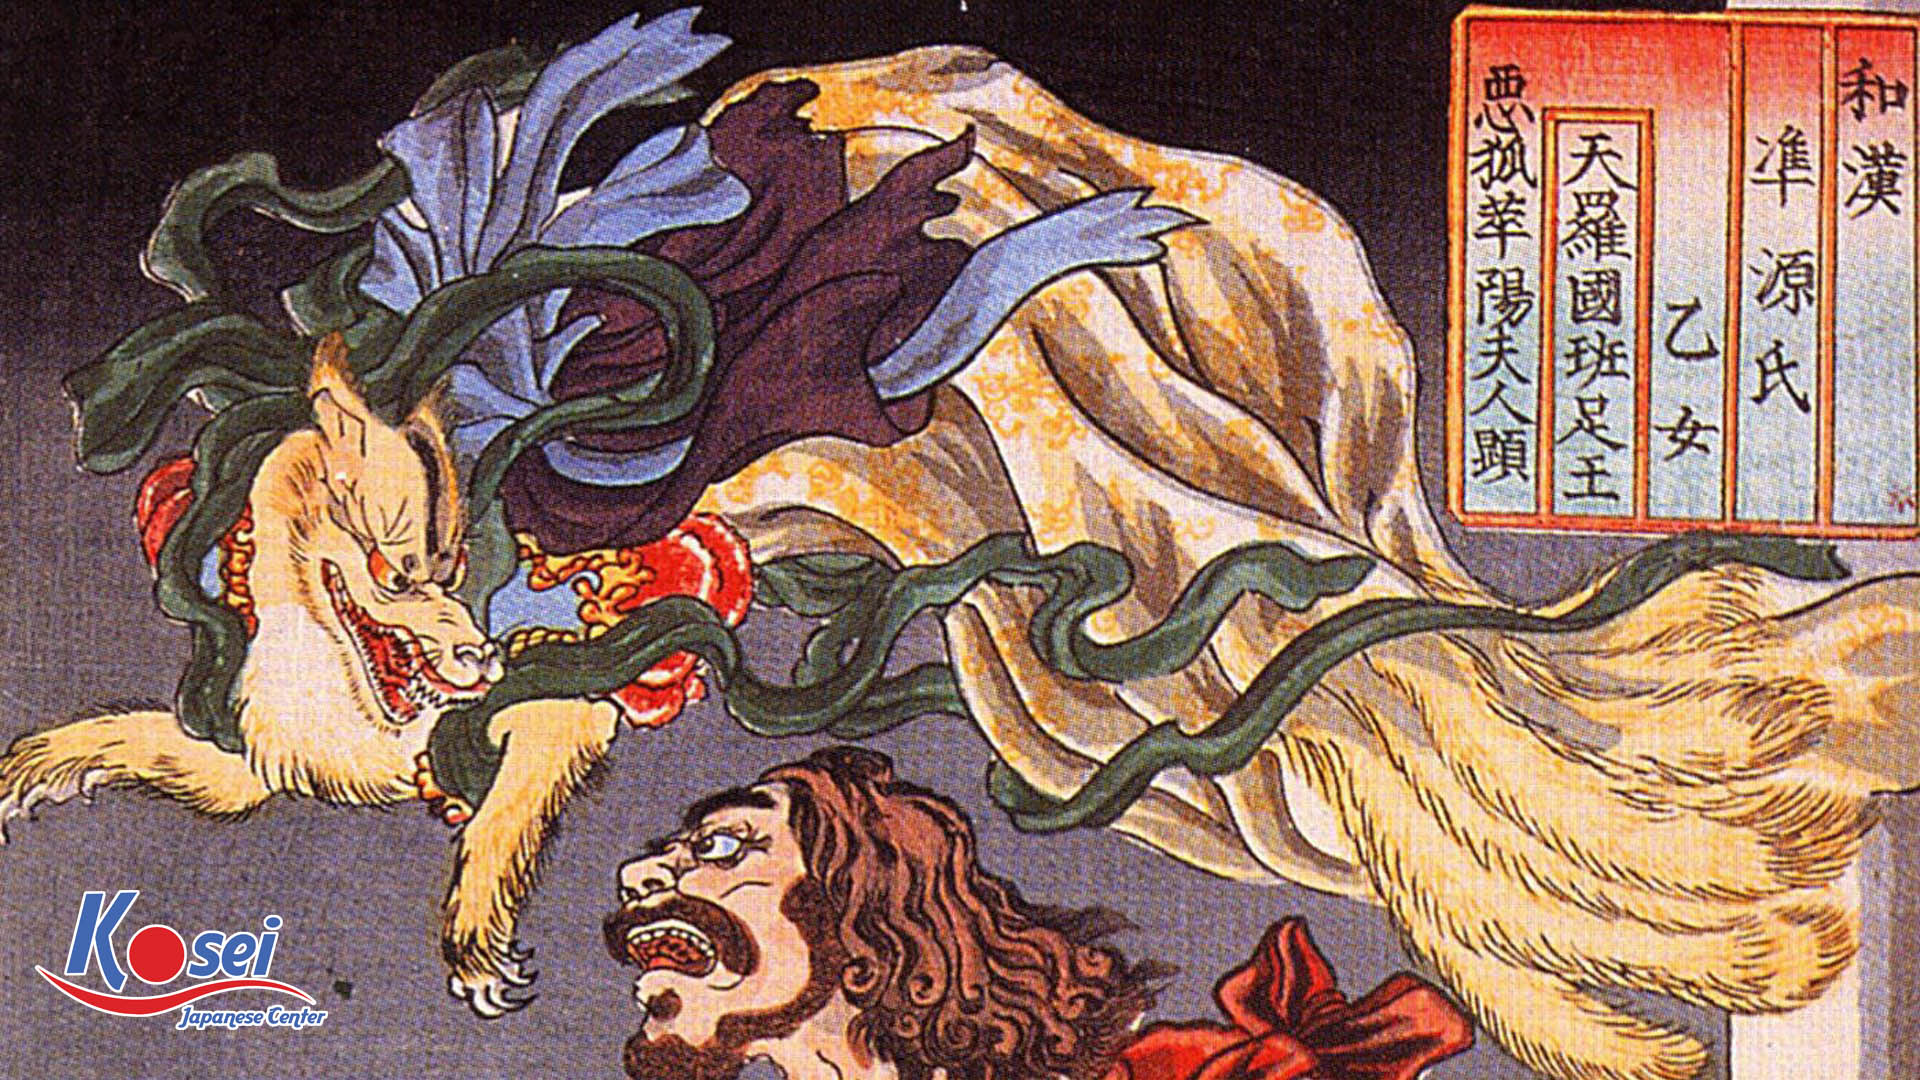 Kitsune no men (狐の面) – Mặt nạ cáo trong văn hóa Nhật Bản